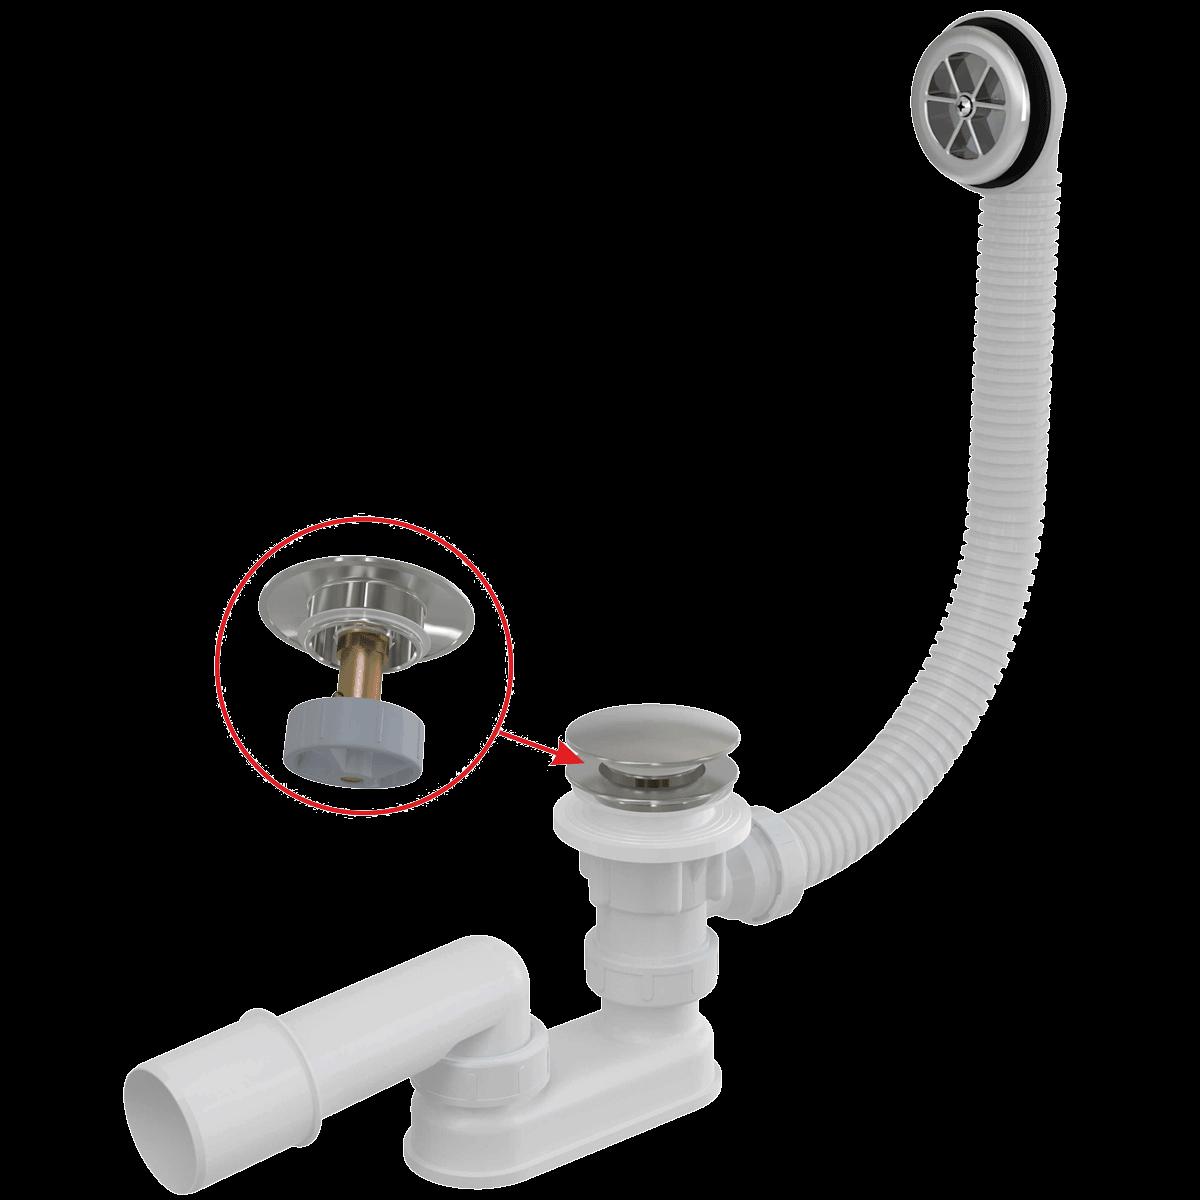 Vanový sifon Alcaplast click/clack, 57 cm, kov A505CKM